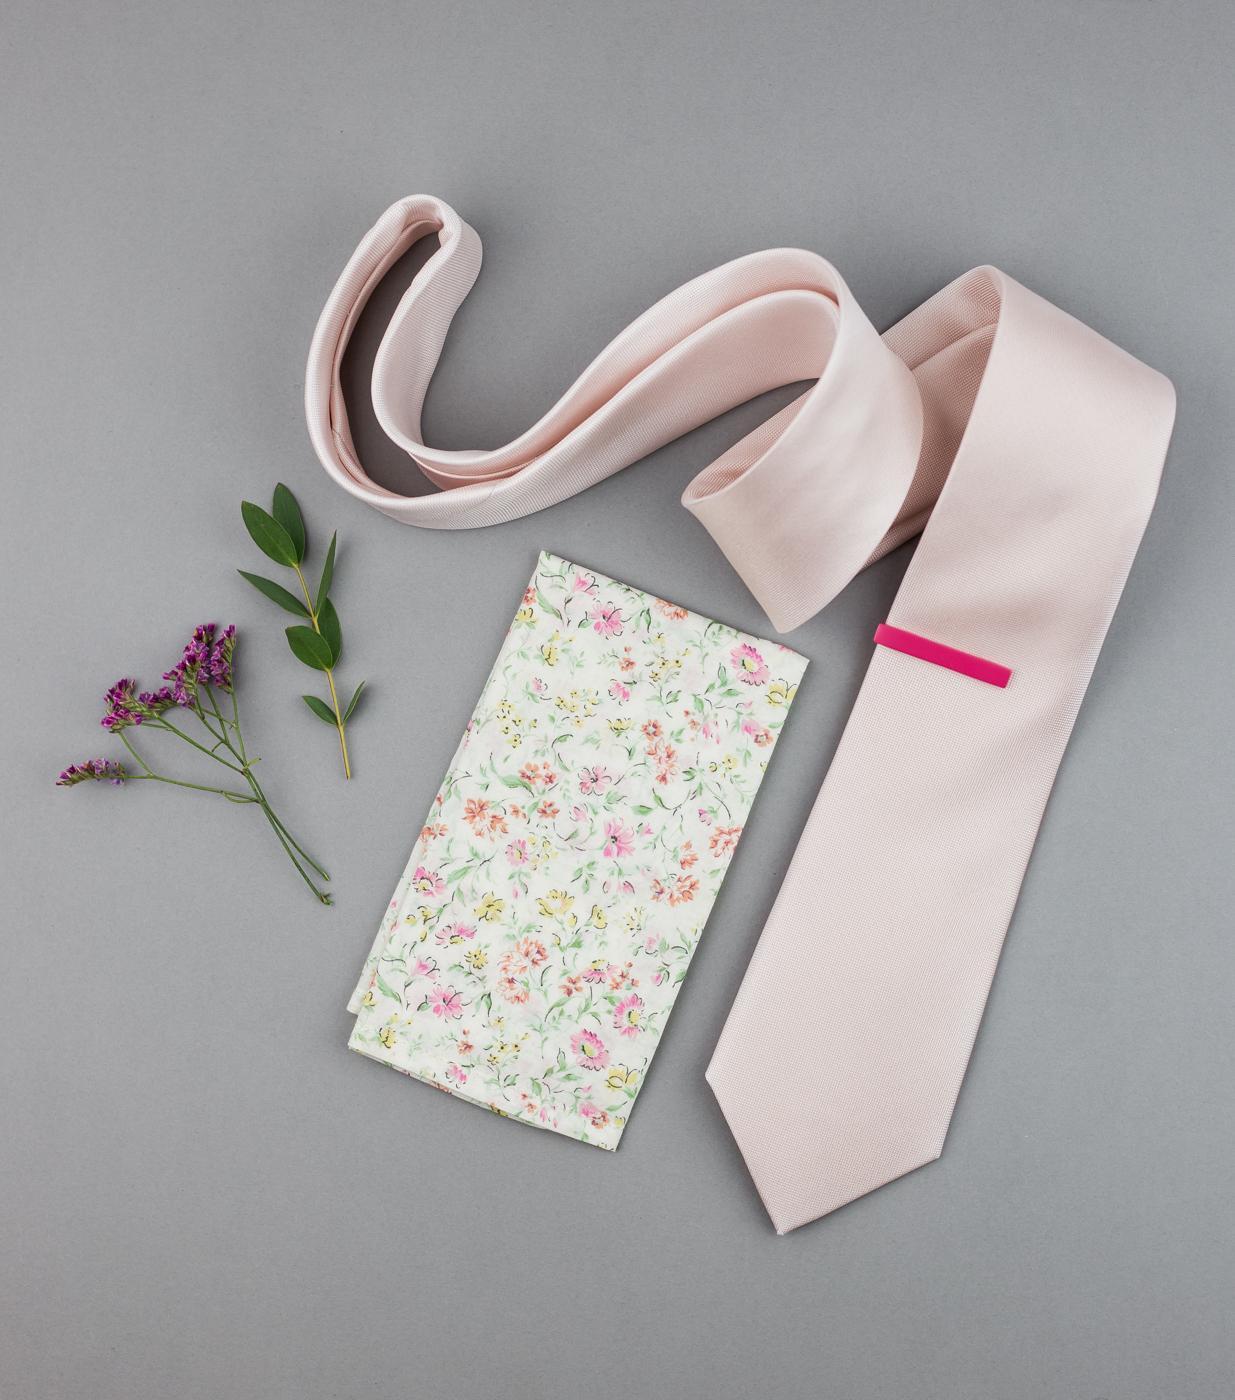 Růžový svatební balíček - Obrázok č. 1